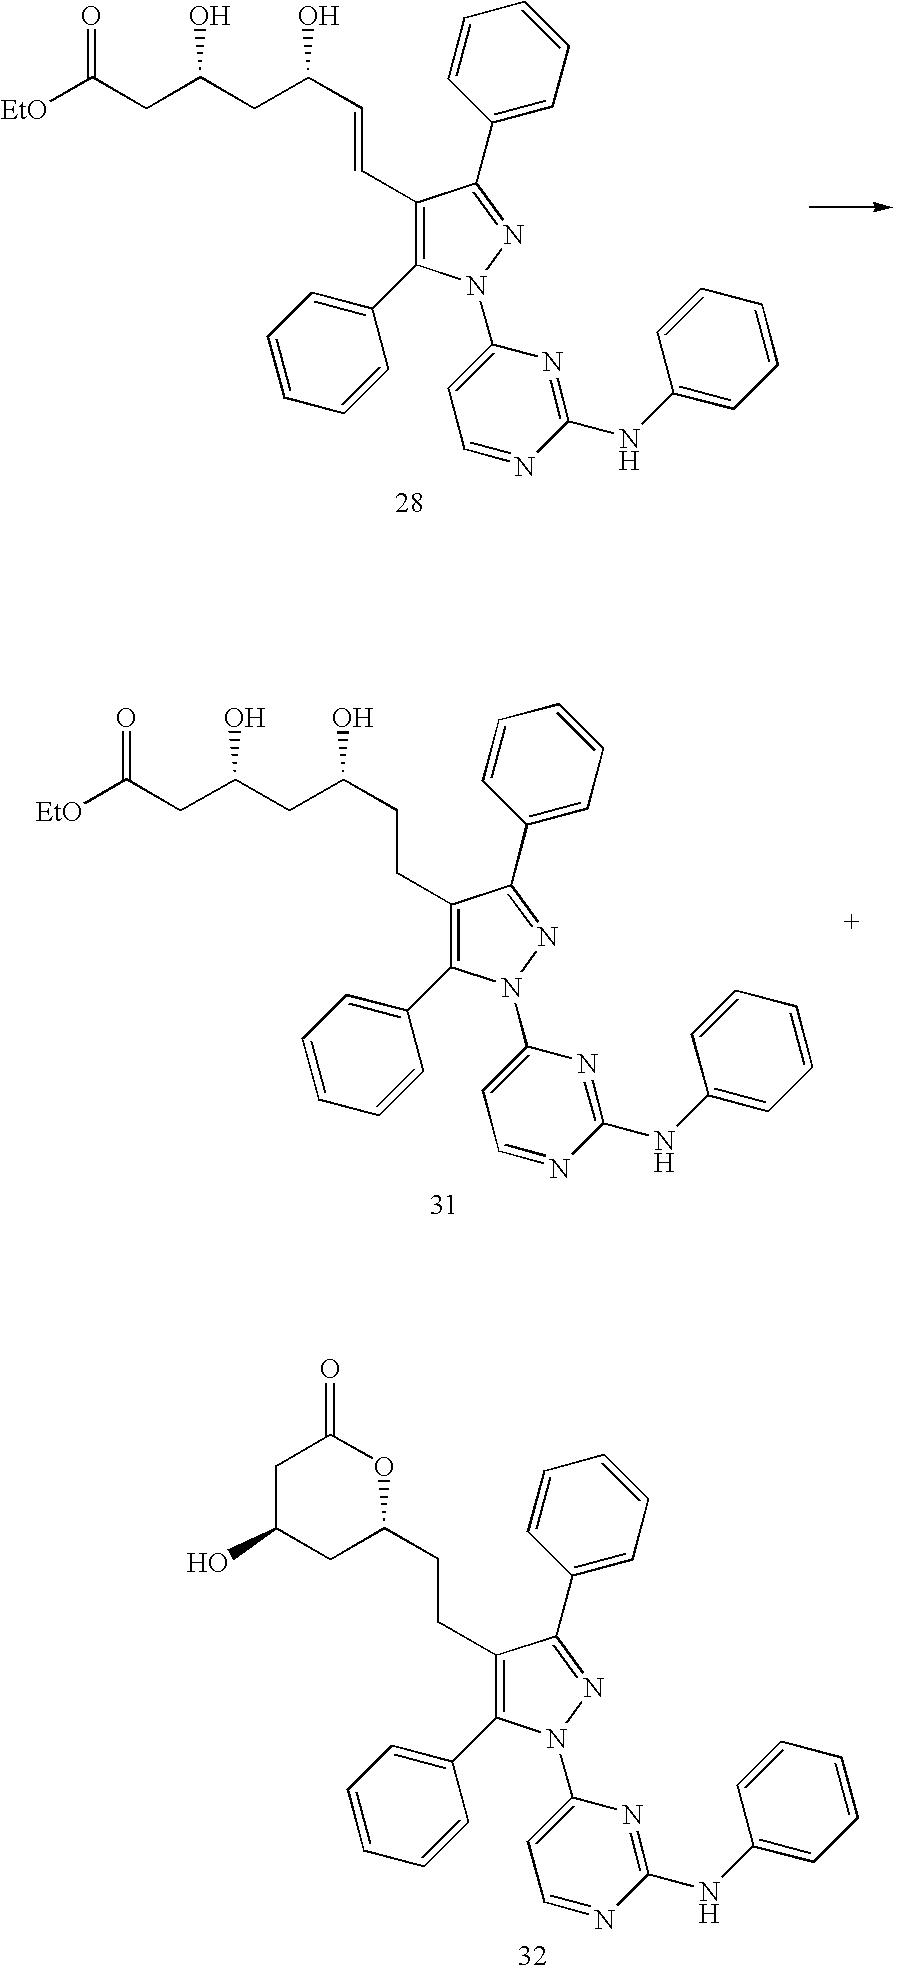 Figure US07183285-20070227-C00151